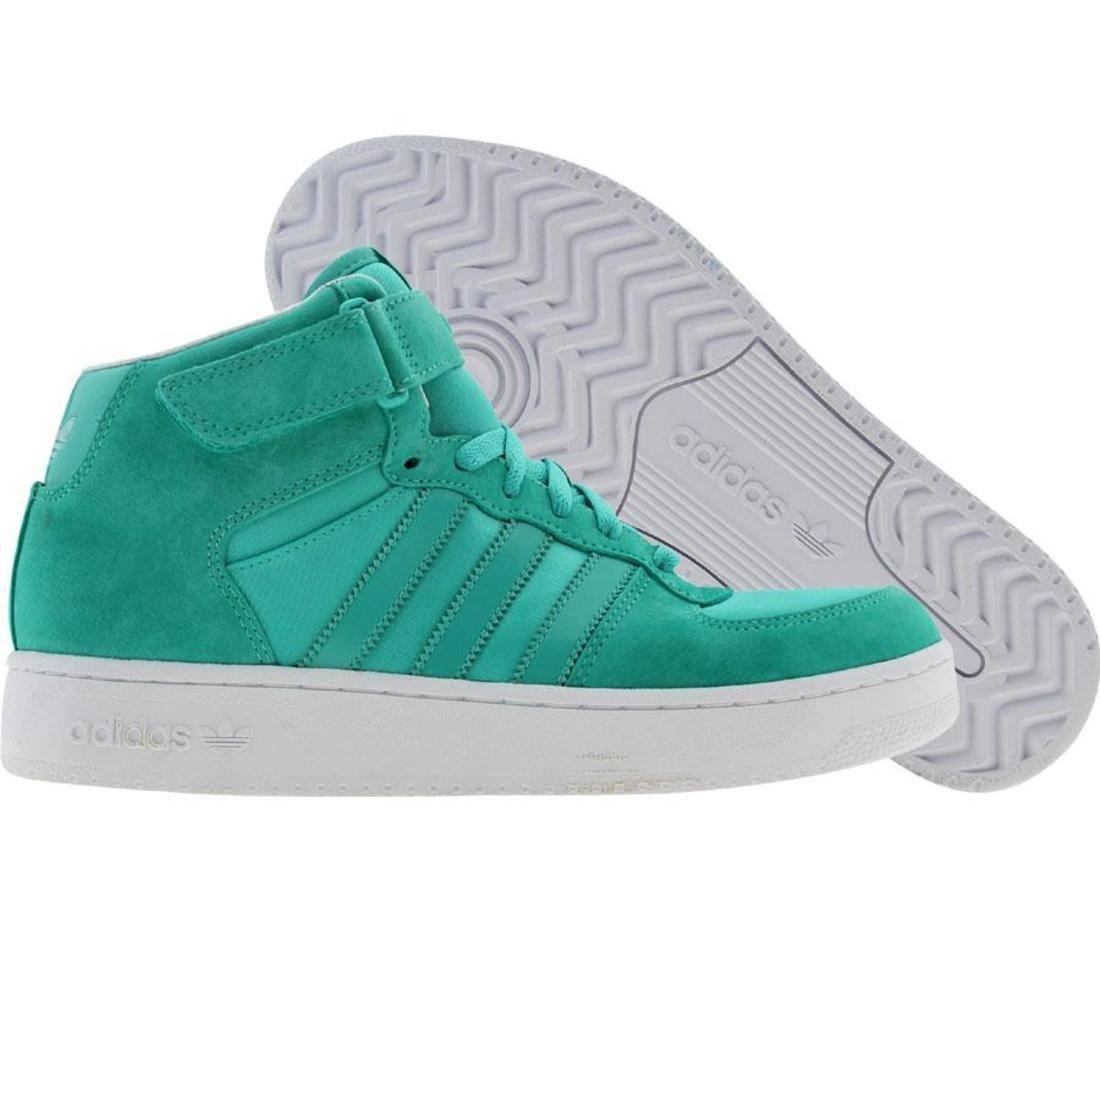 【海外限定】アディダス フォーラム ミッド 緑 グリーン スニーカー 靴 【 ADIDAS GREEN FORUM ADV MID PURE WHITE 】【送料無料】